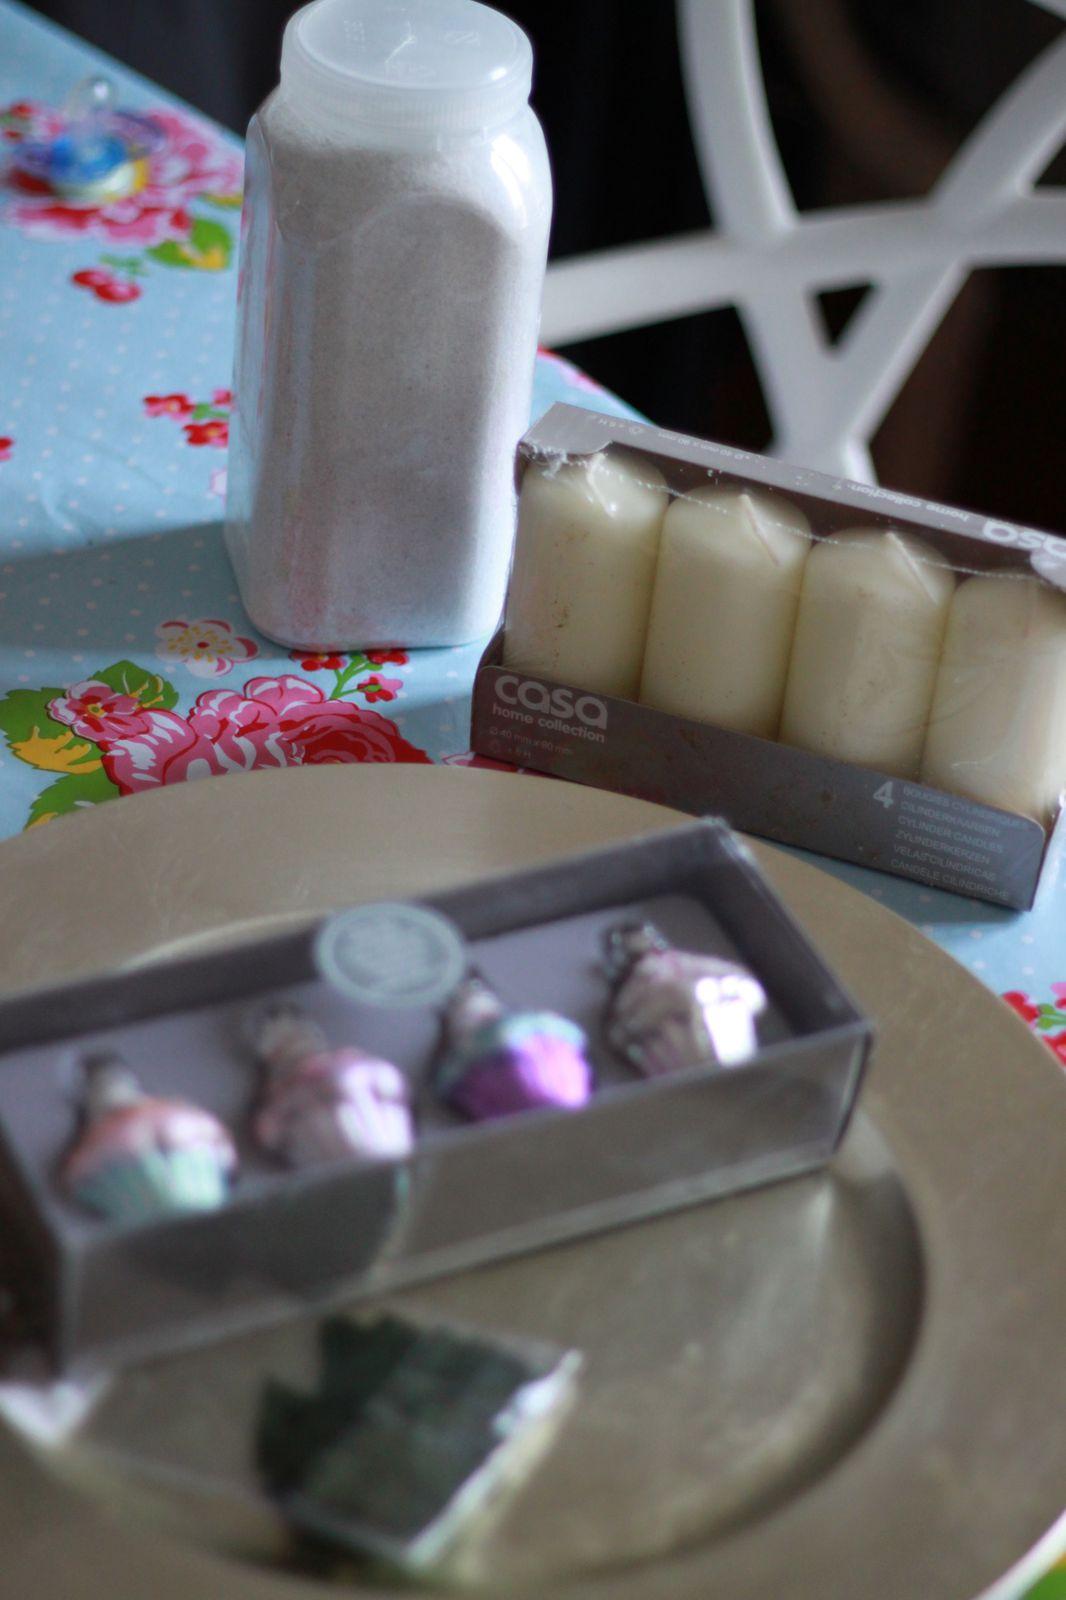 Couronne de l'Avent 2013, thème Cupcakes!!!! Petits sapins verts, et sable blanc, et bougies crèmes, facile à refaire!